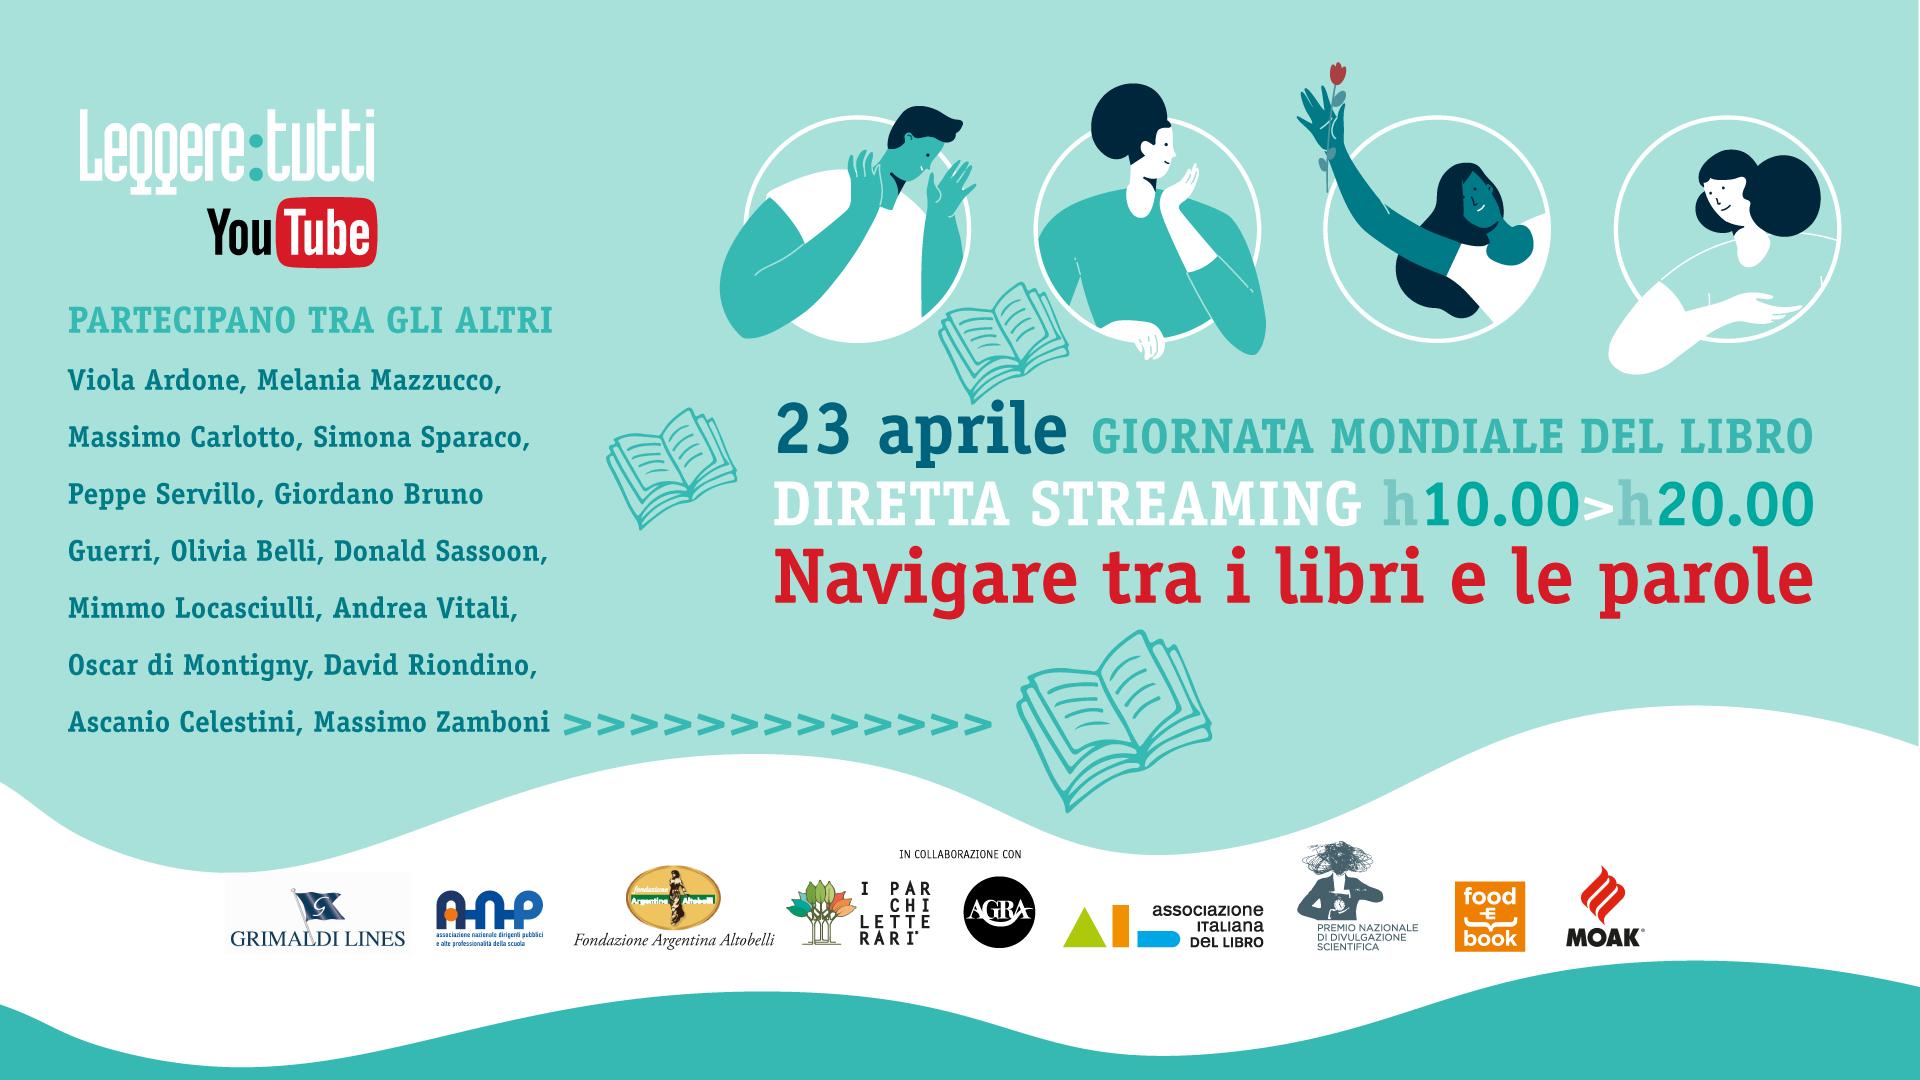 """23 aprile: Giornata Mondiale del Libro. La maratona culturale di """"Leggere: tutti"""""""